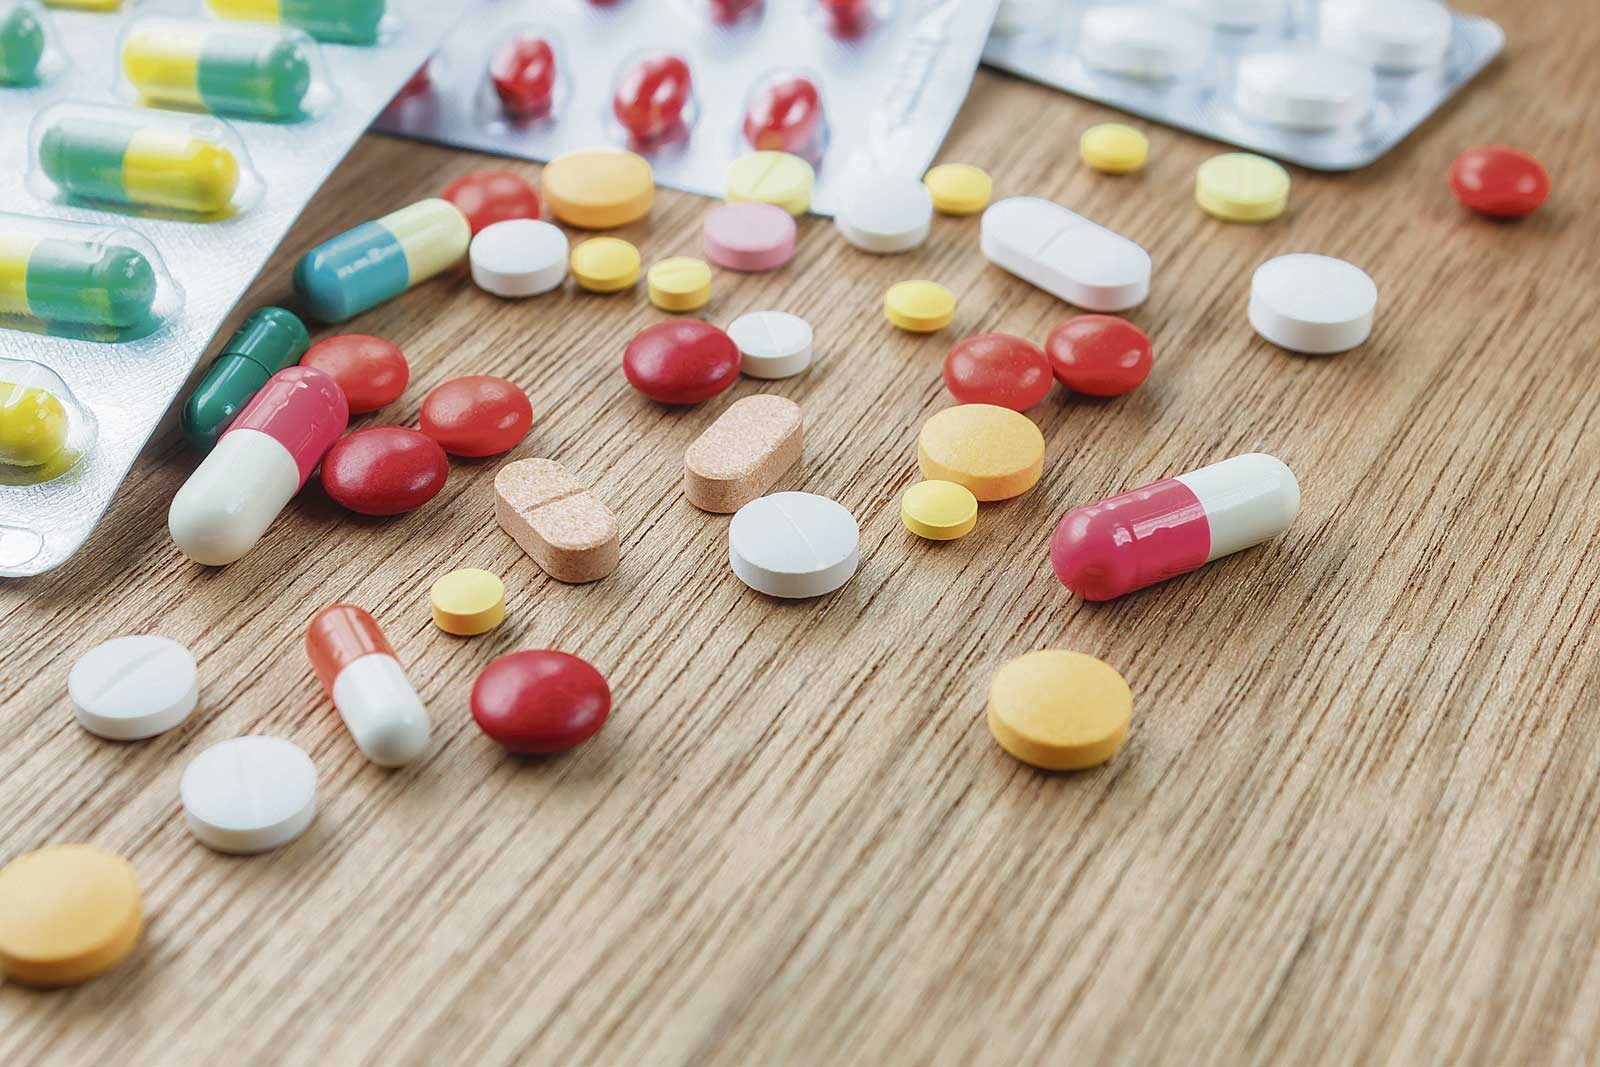 medicament pentru dureri musculare și articulare)